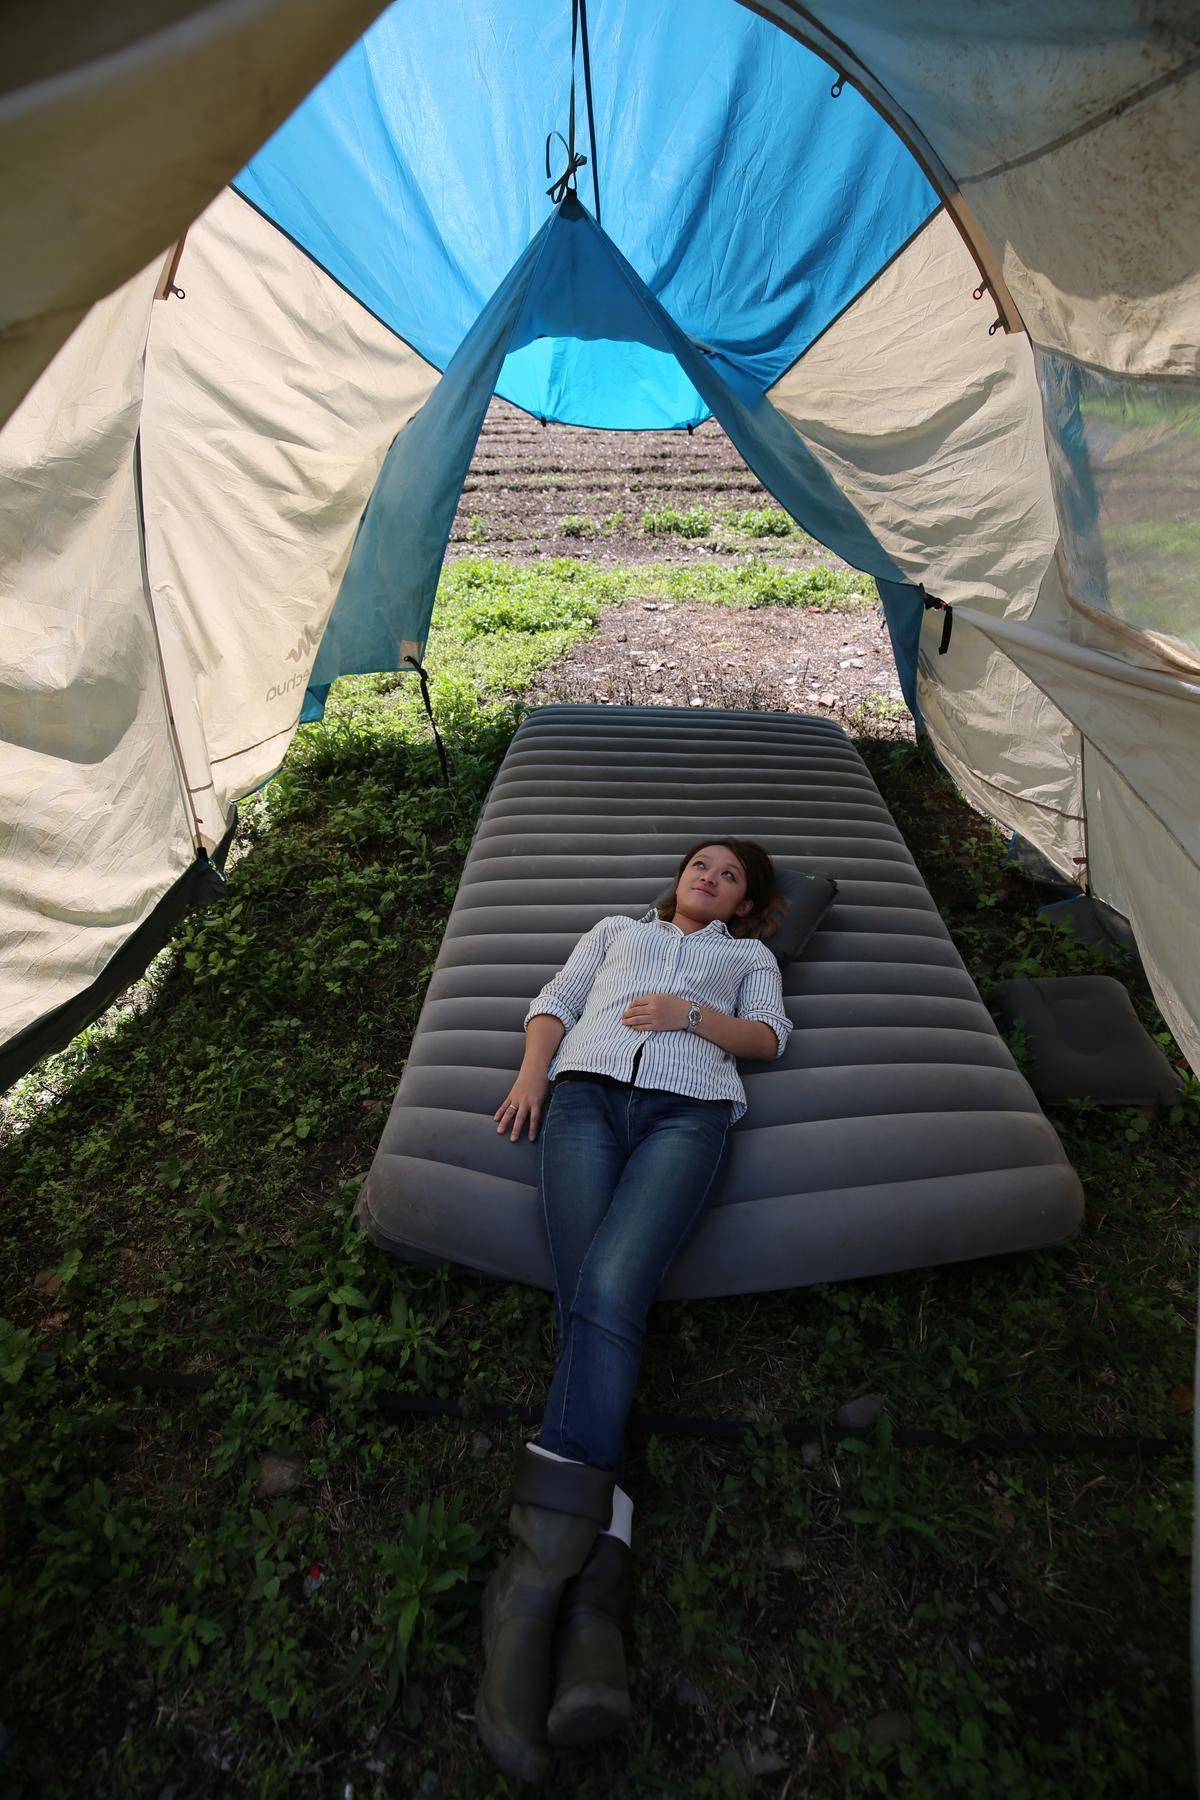 躺在營帳之中超級愜意。